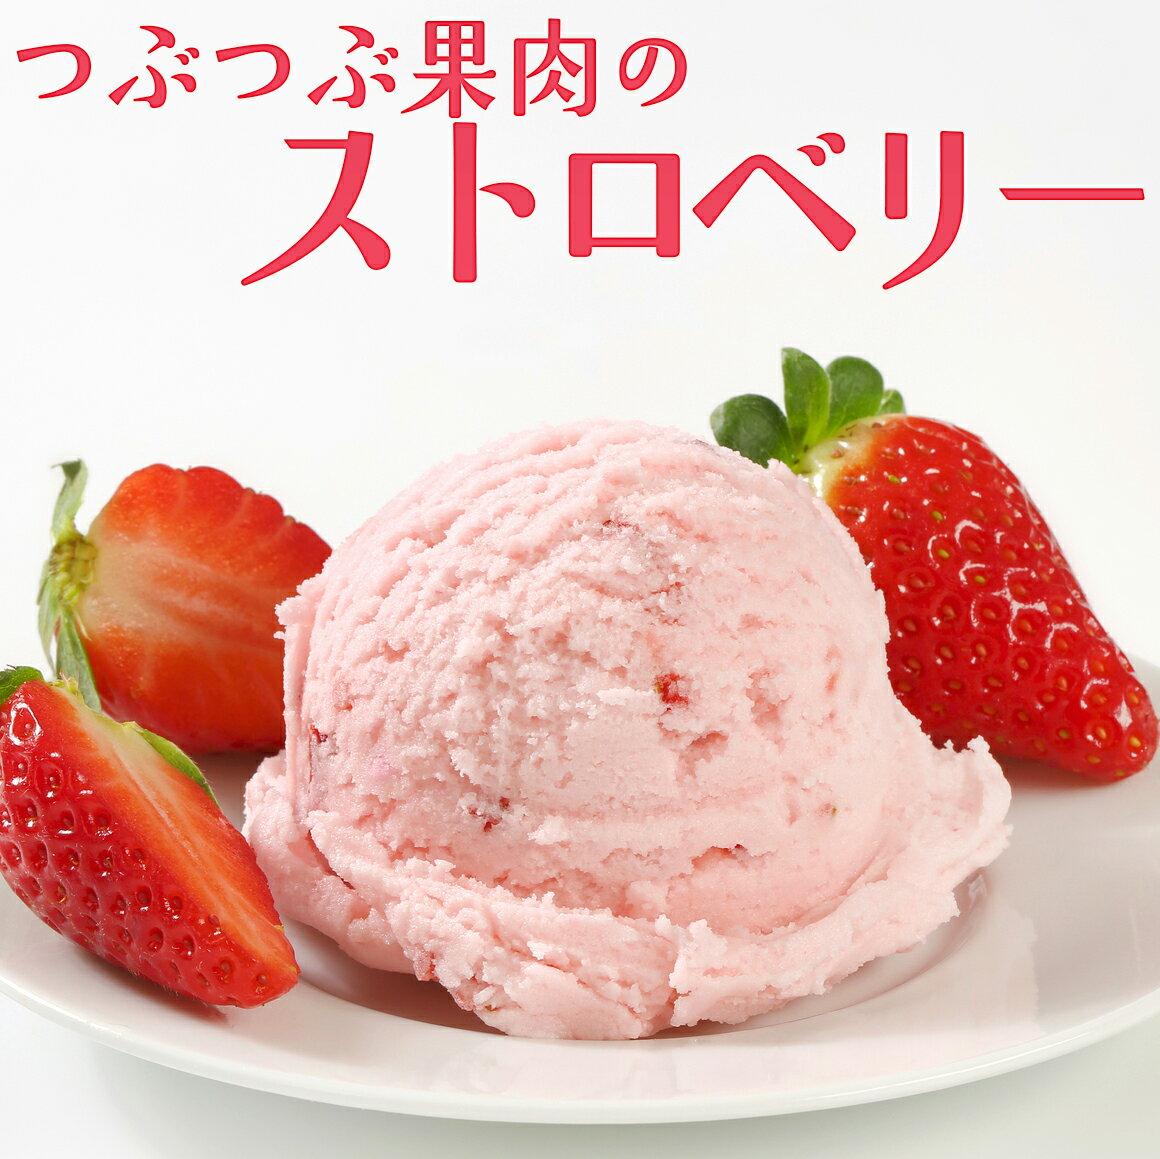 アイスクリーム 業務用 明治 つぶつぶ果肉のストロベリー2L 業務用 家庭用